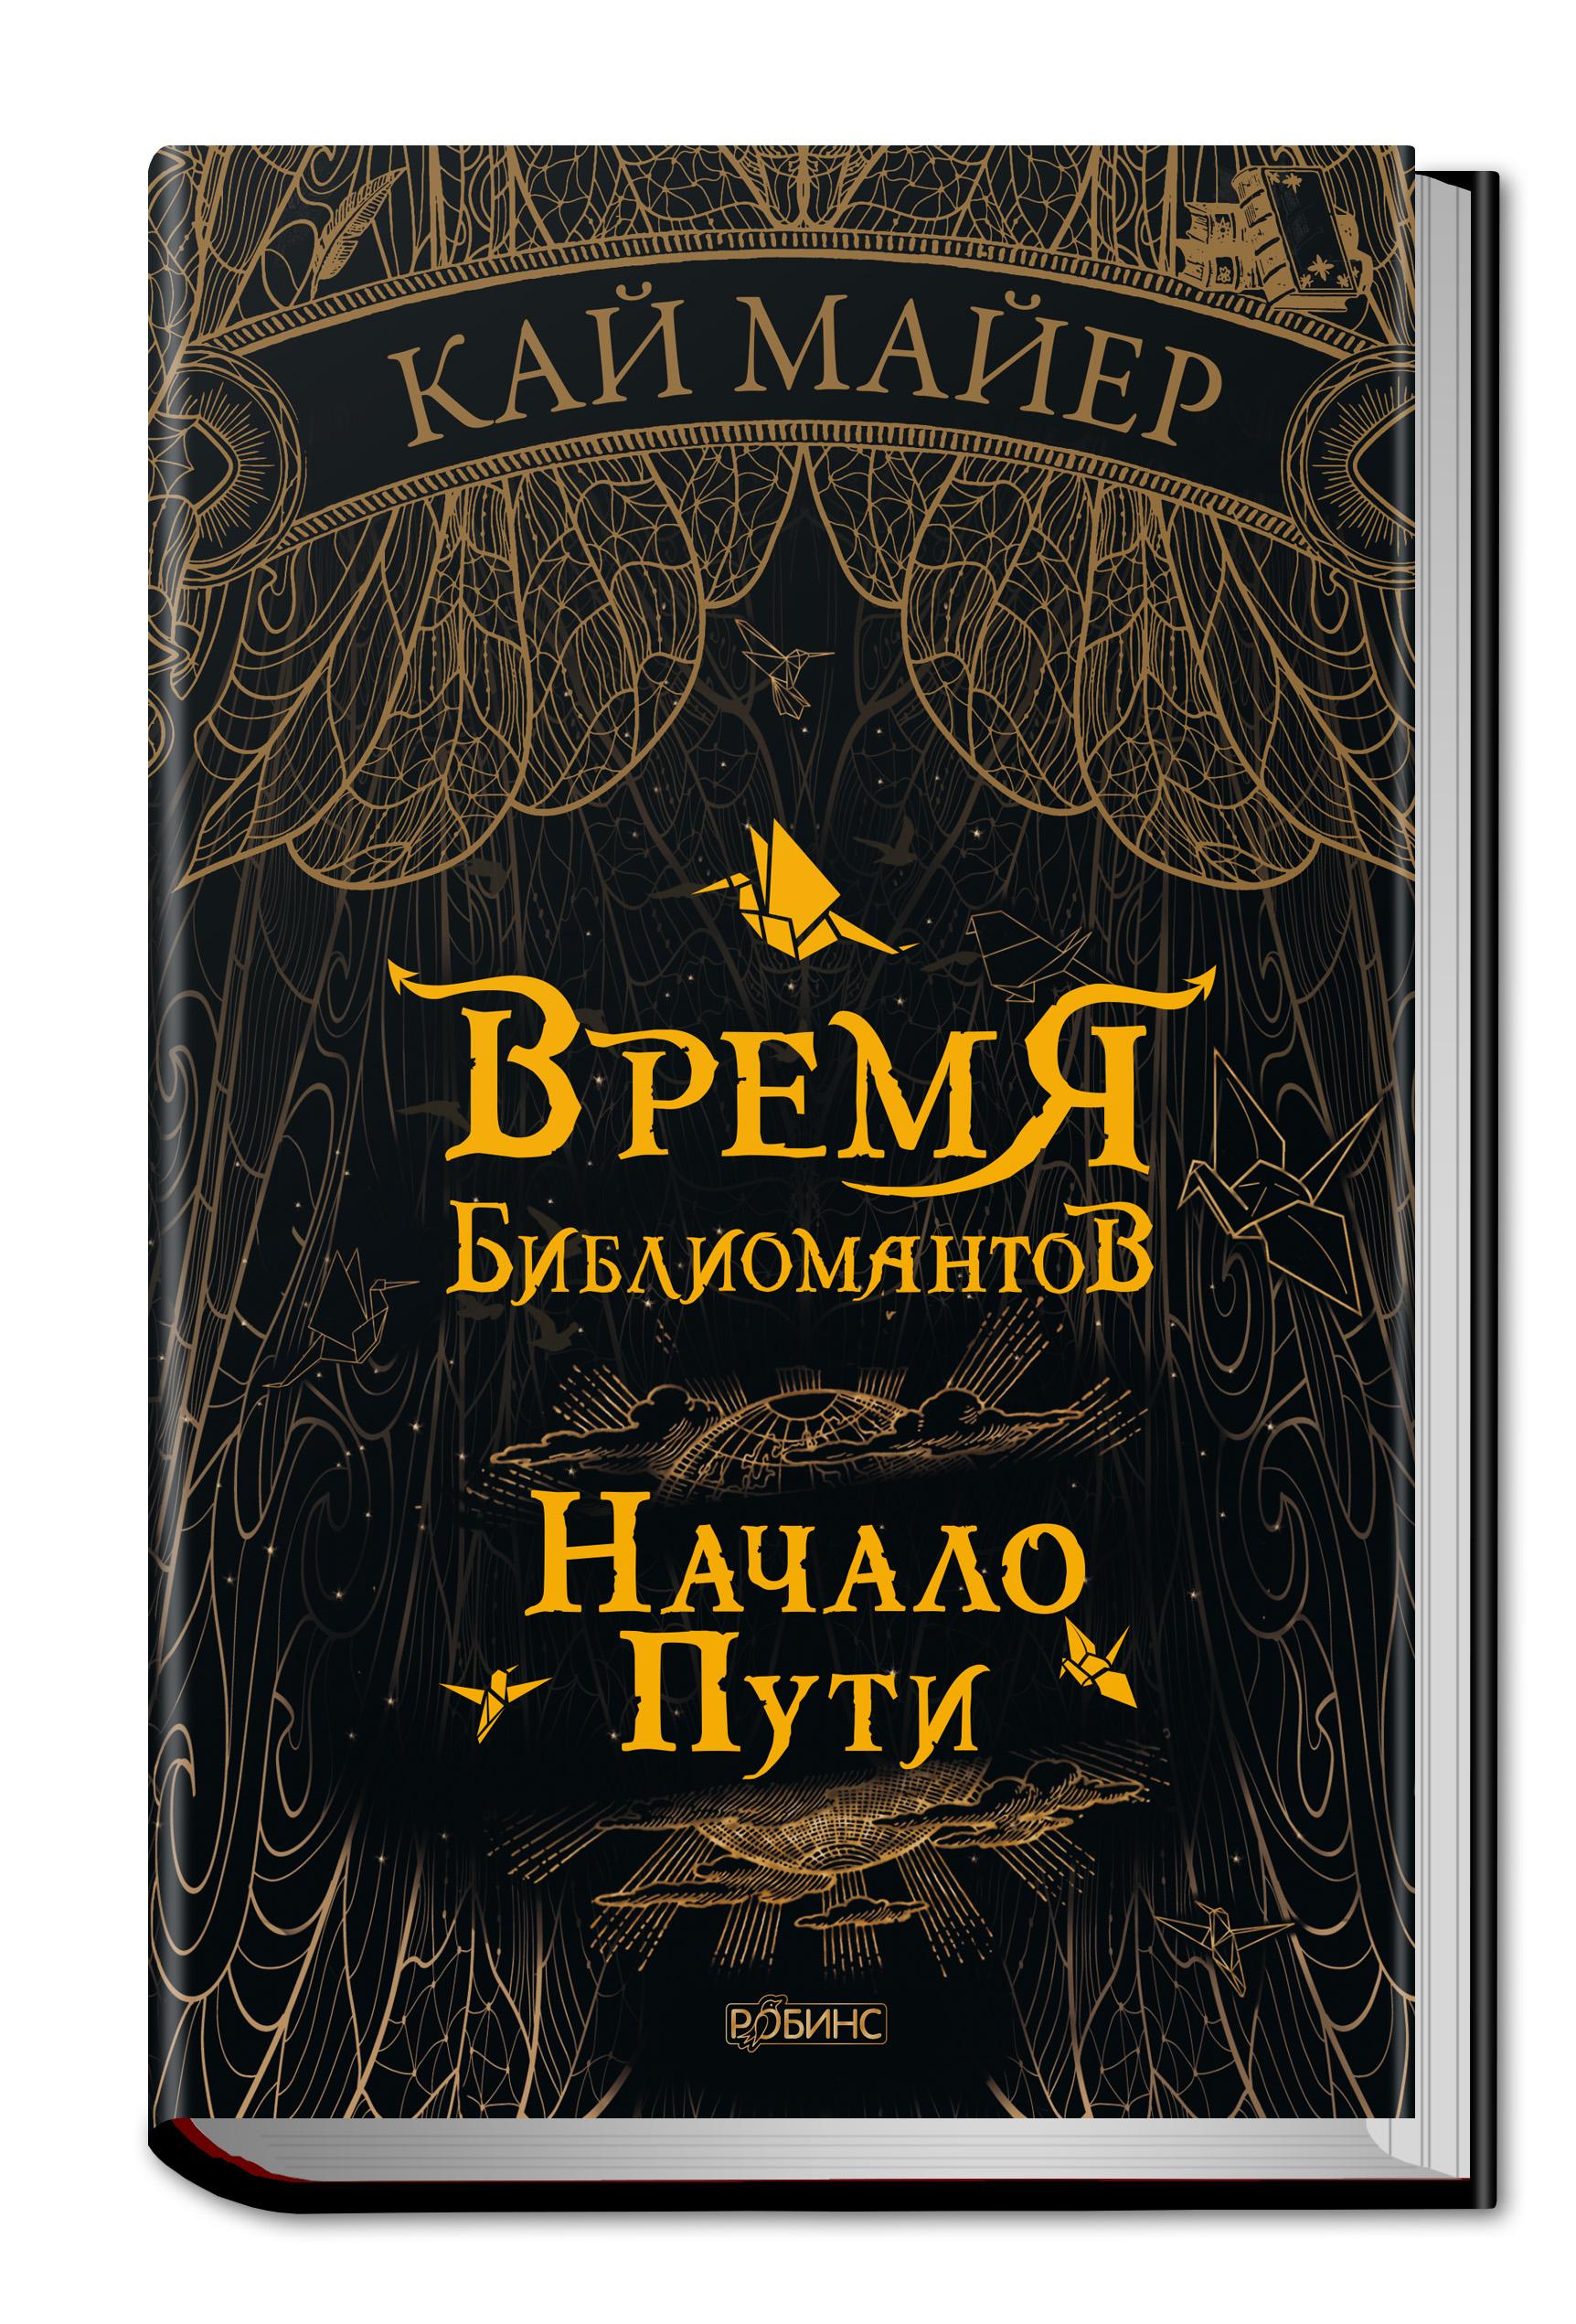 Кай Майер Время Библиомантов. Начало Пути